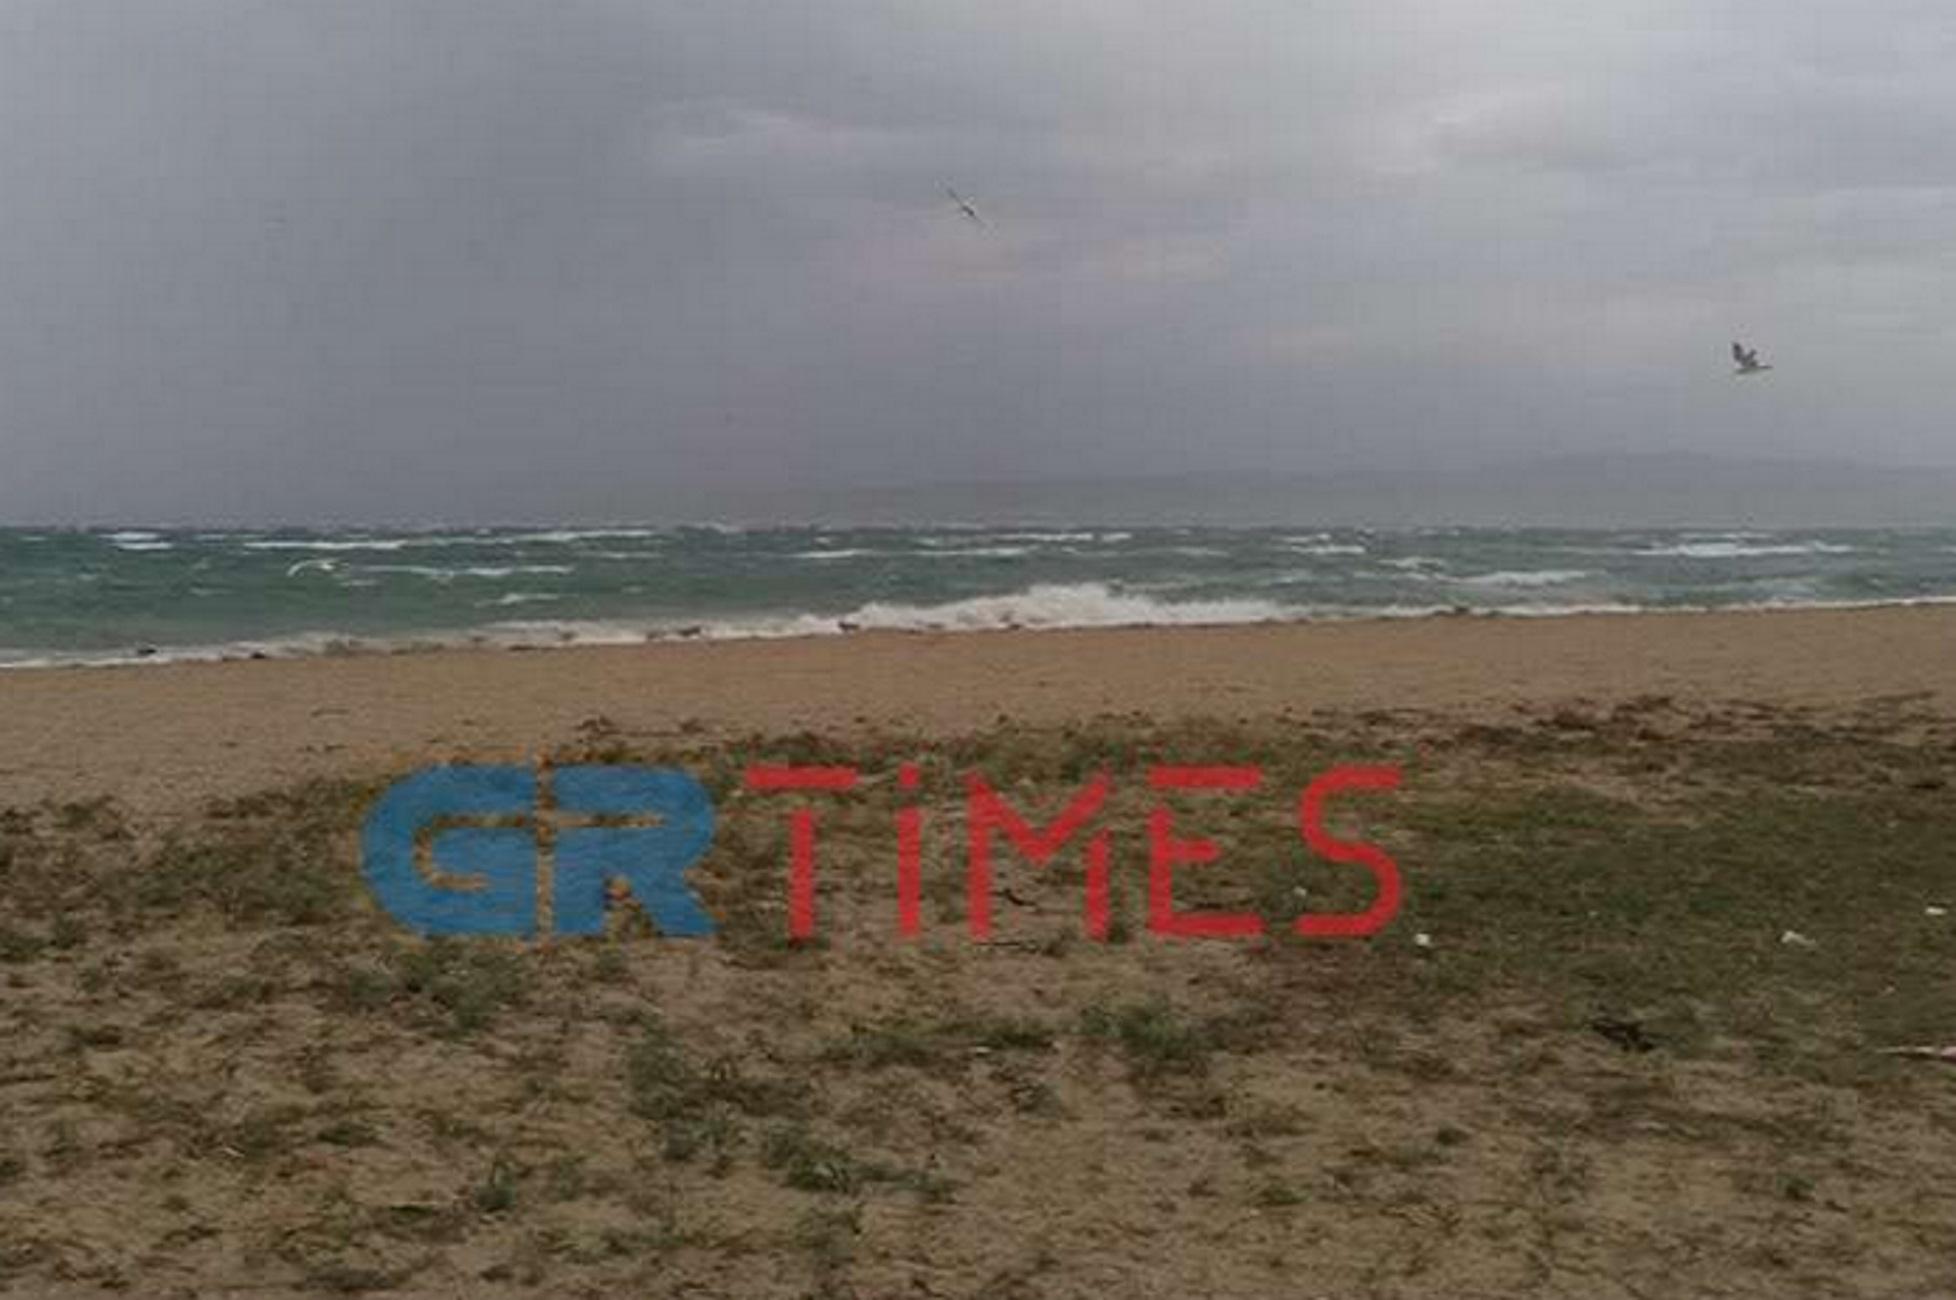 Θεσσαλονίκη: Το «γύρισε» ο καιρός – Προβλήματα σε γειτονιές από το μπουρίνι και τους ισχυρούς ανέμους